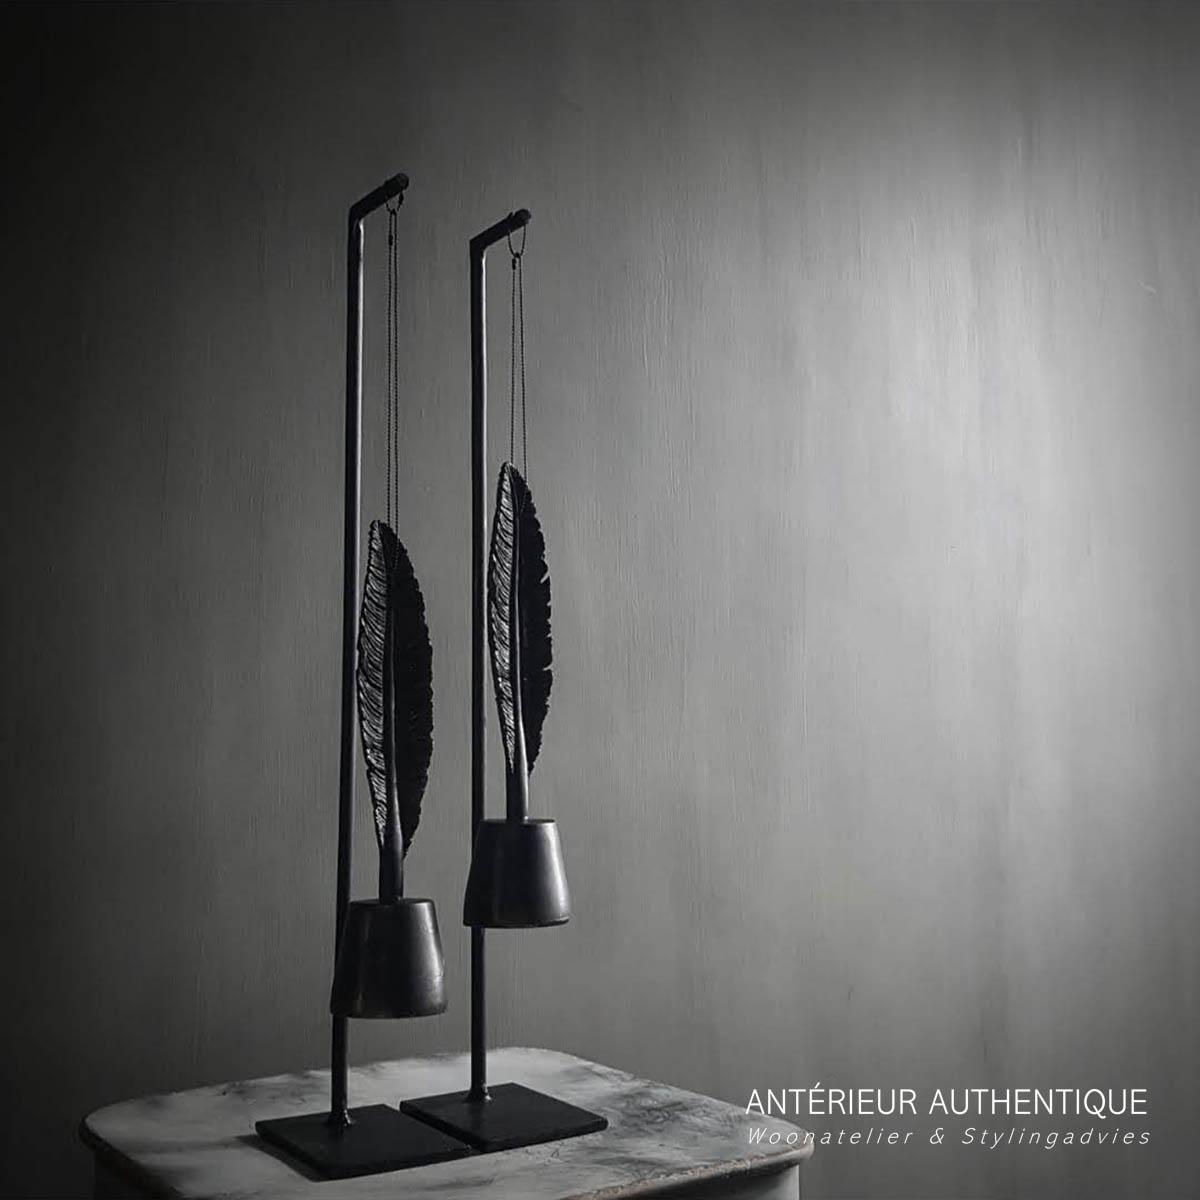 Afbeelding van hanger met veer voor gebruik in de Antérieur Authentique webshop